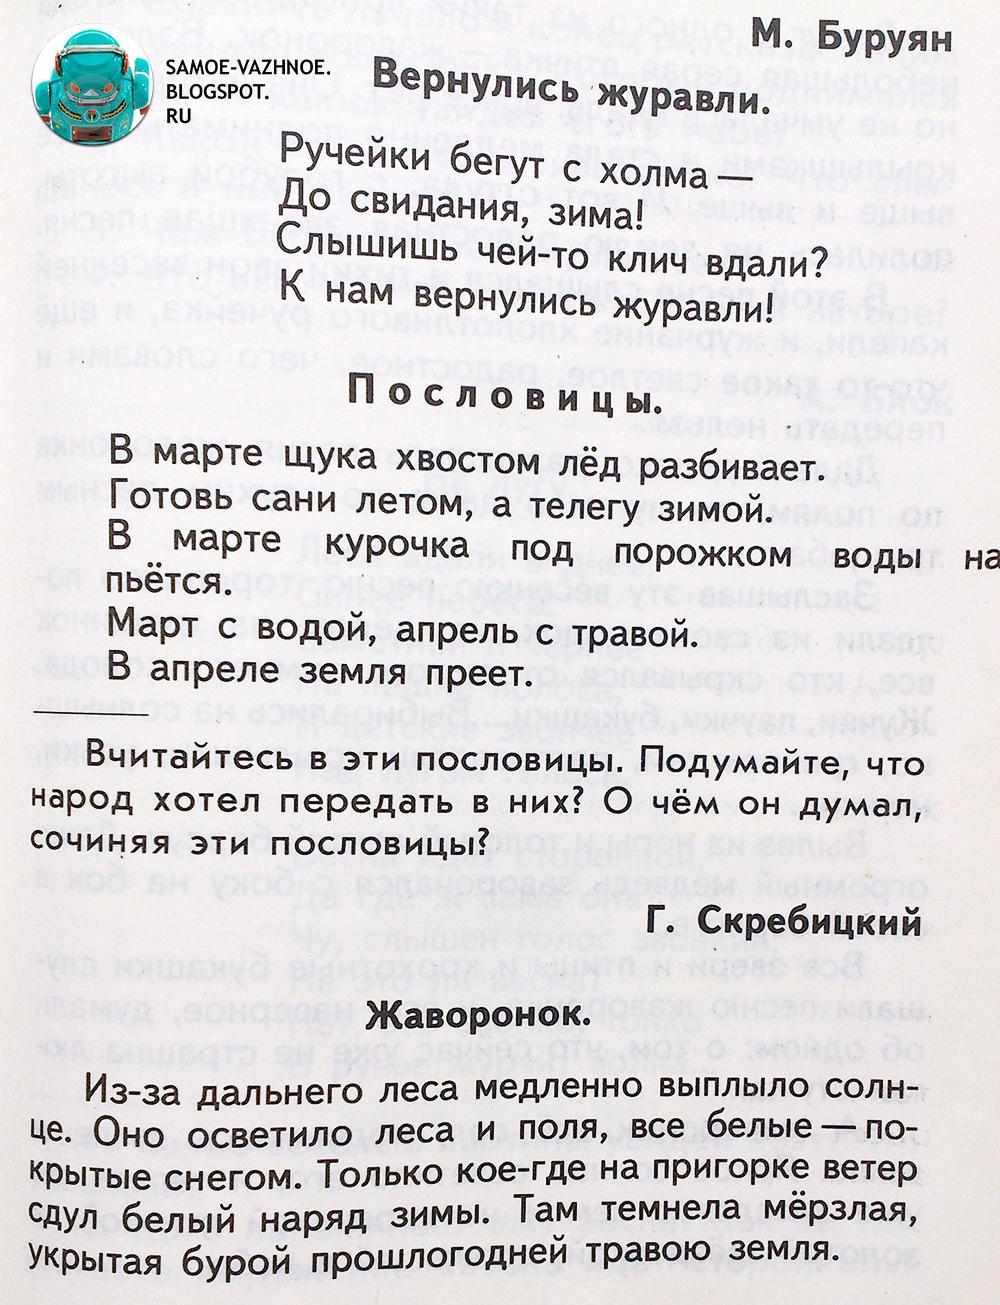 Скребицкий Жаворонок.